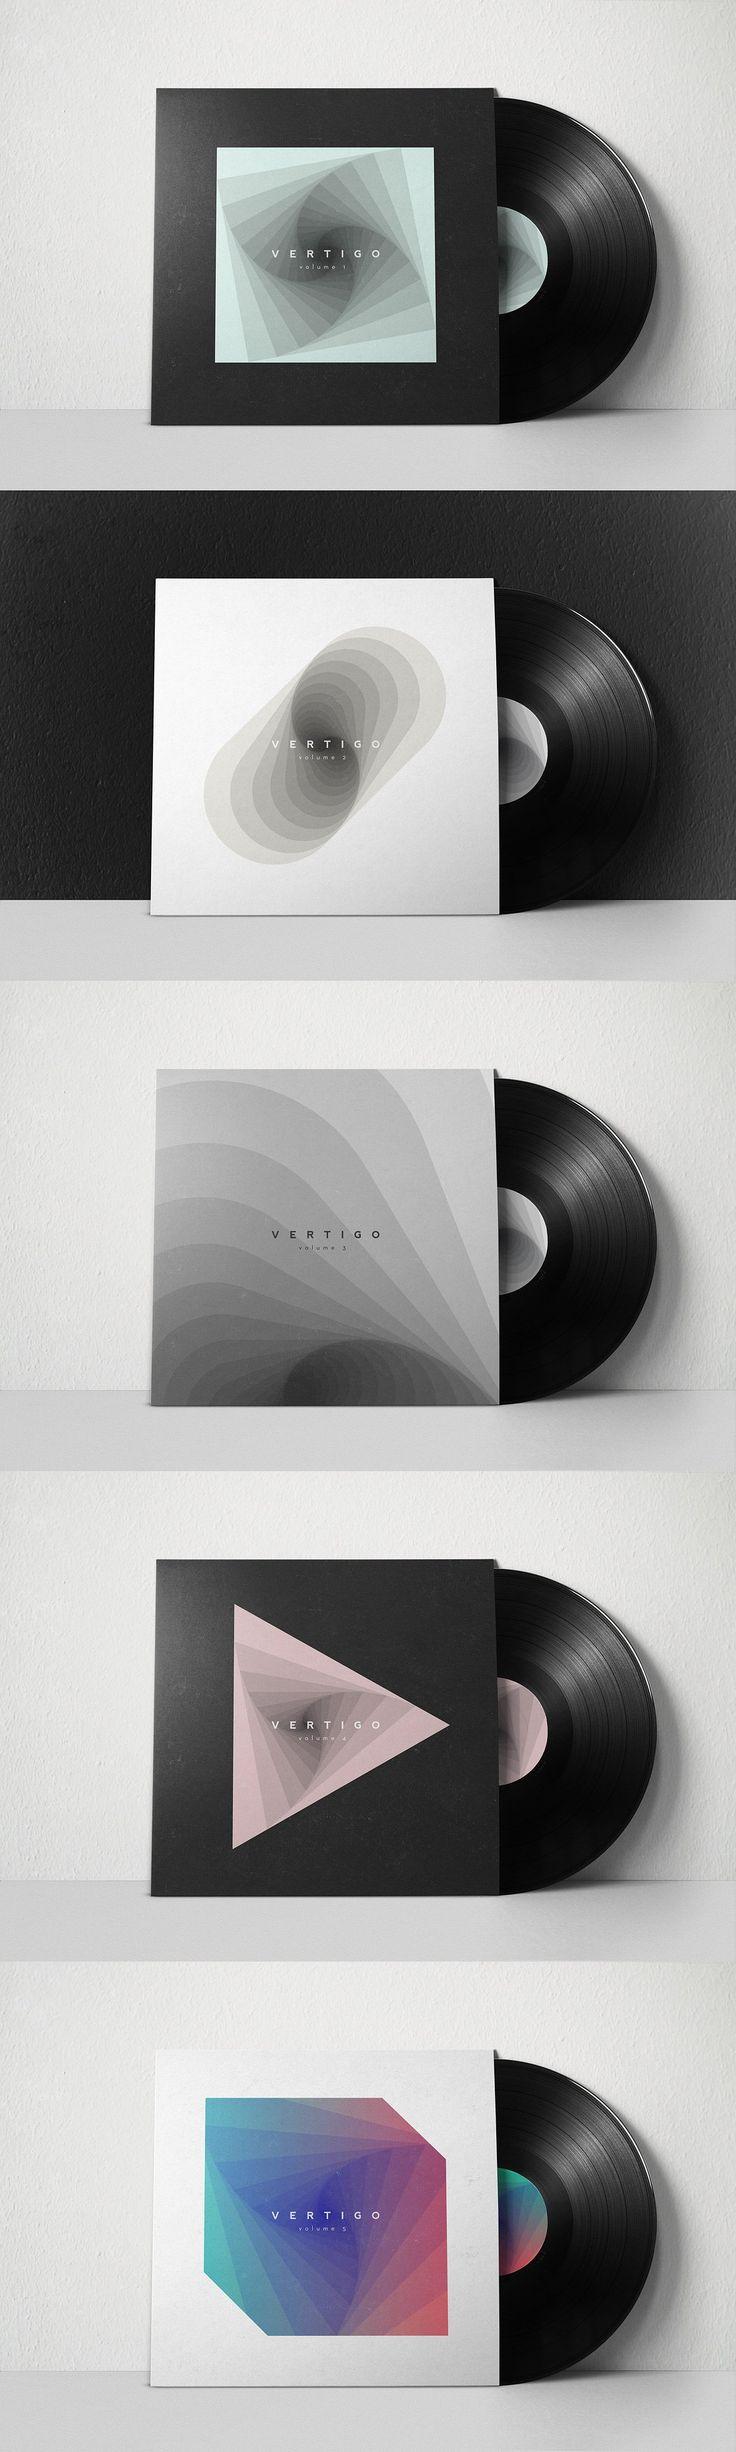 VERTIGO 1: abstract backgrounds by kloroform on @creativemarket